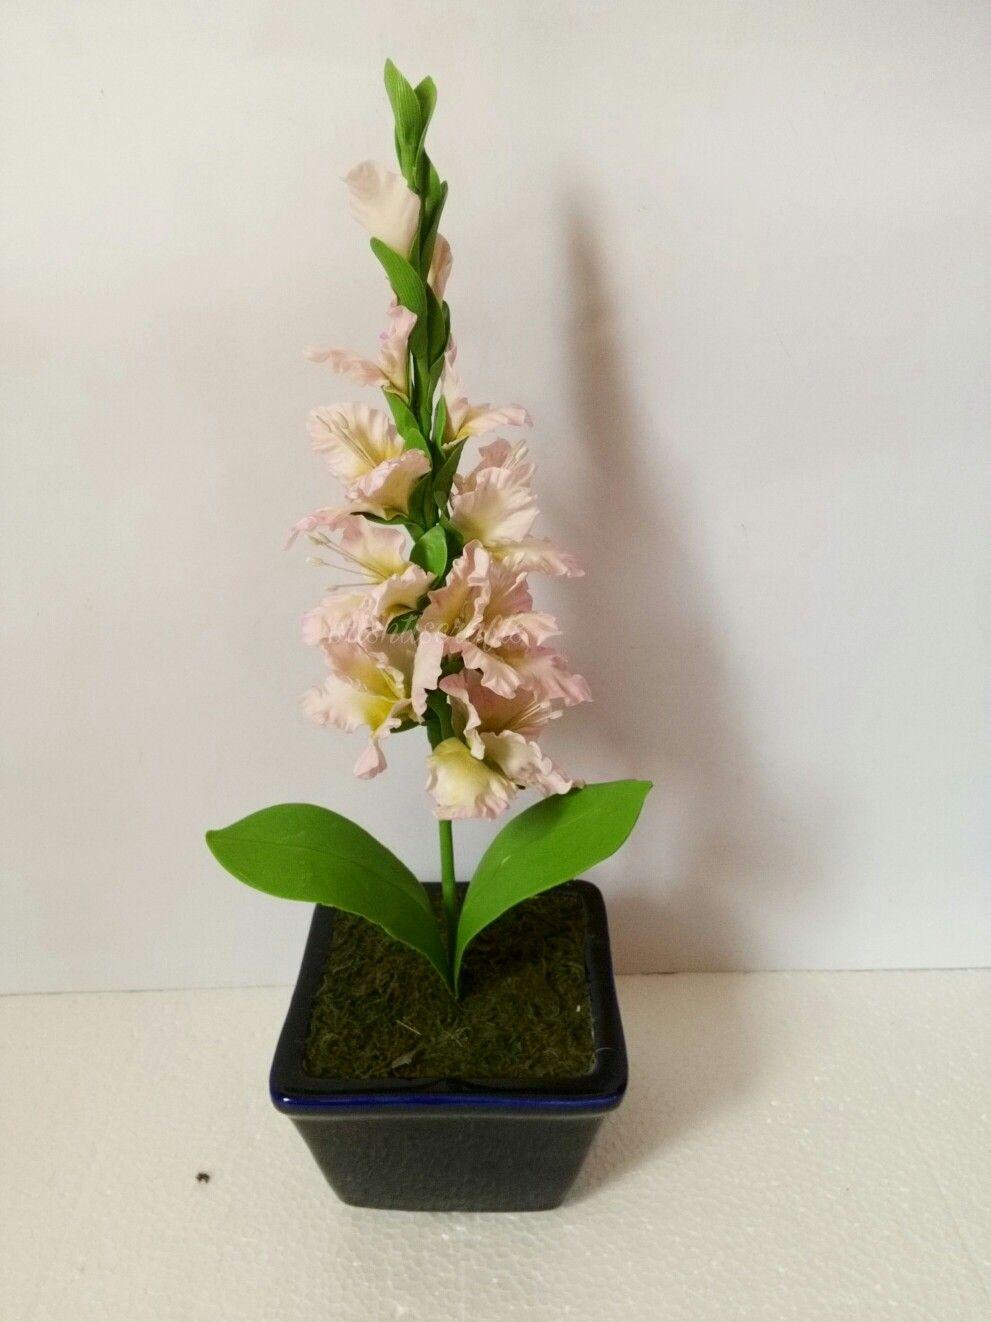 Clay gladiolus